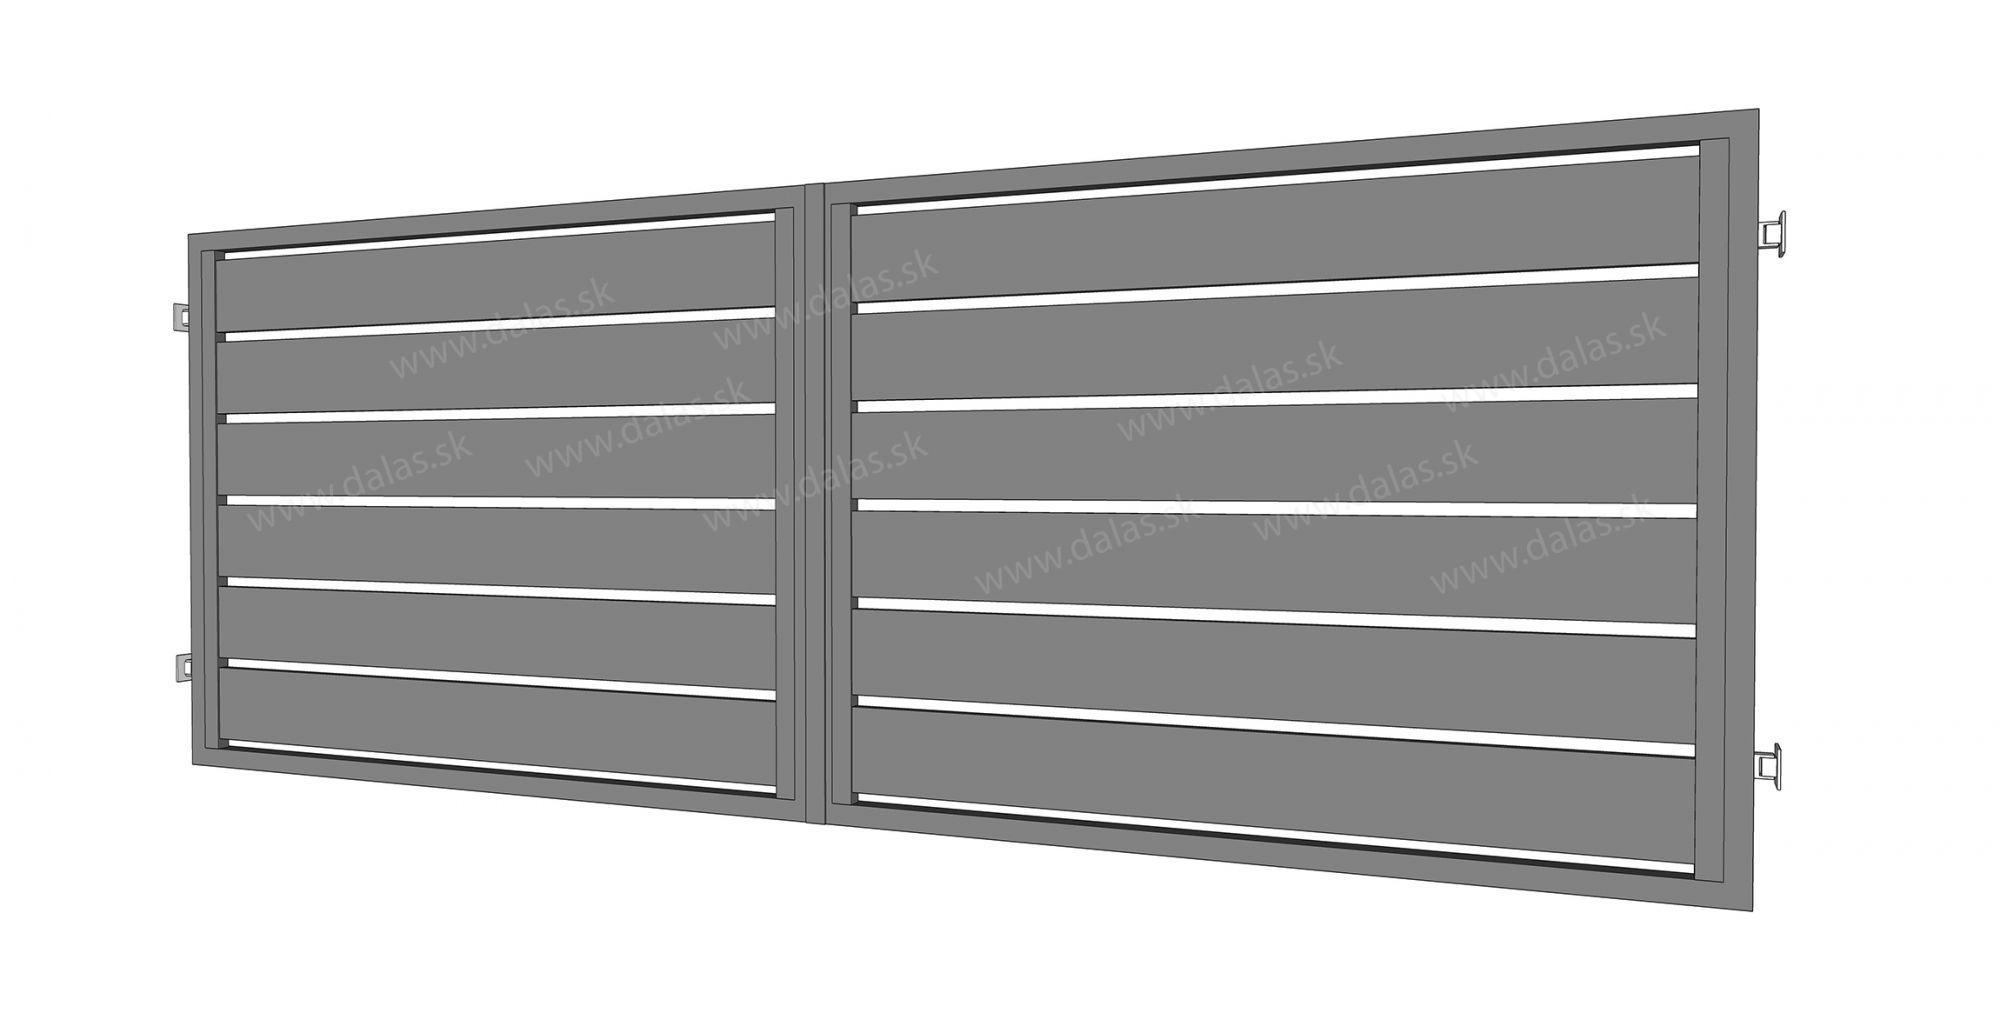 Hliníková dvojkrídlová brána prevedenie AL 200